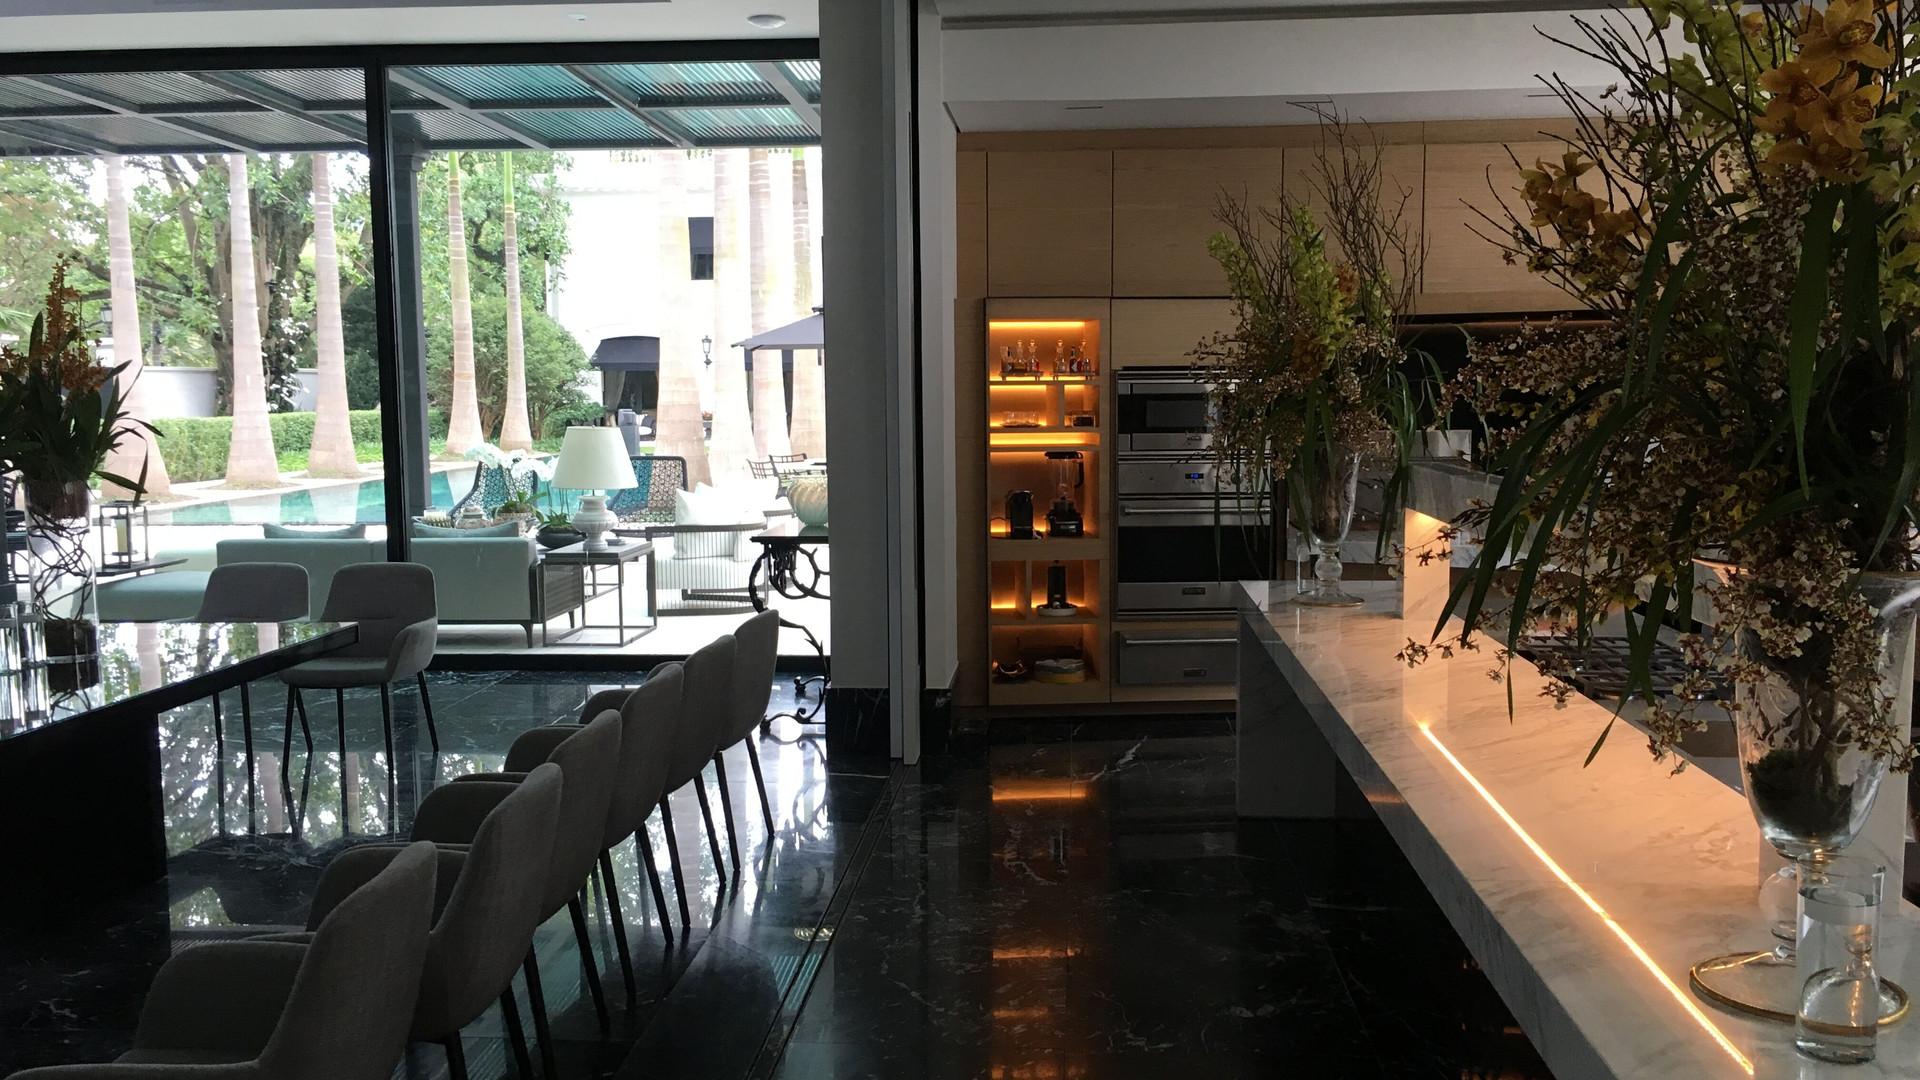 cozinha e mesa de jantar lateral